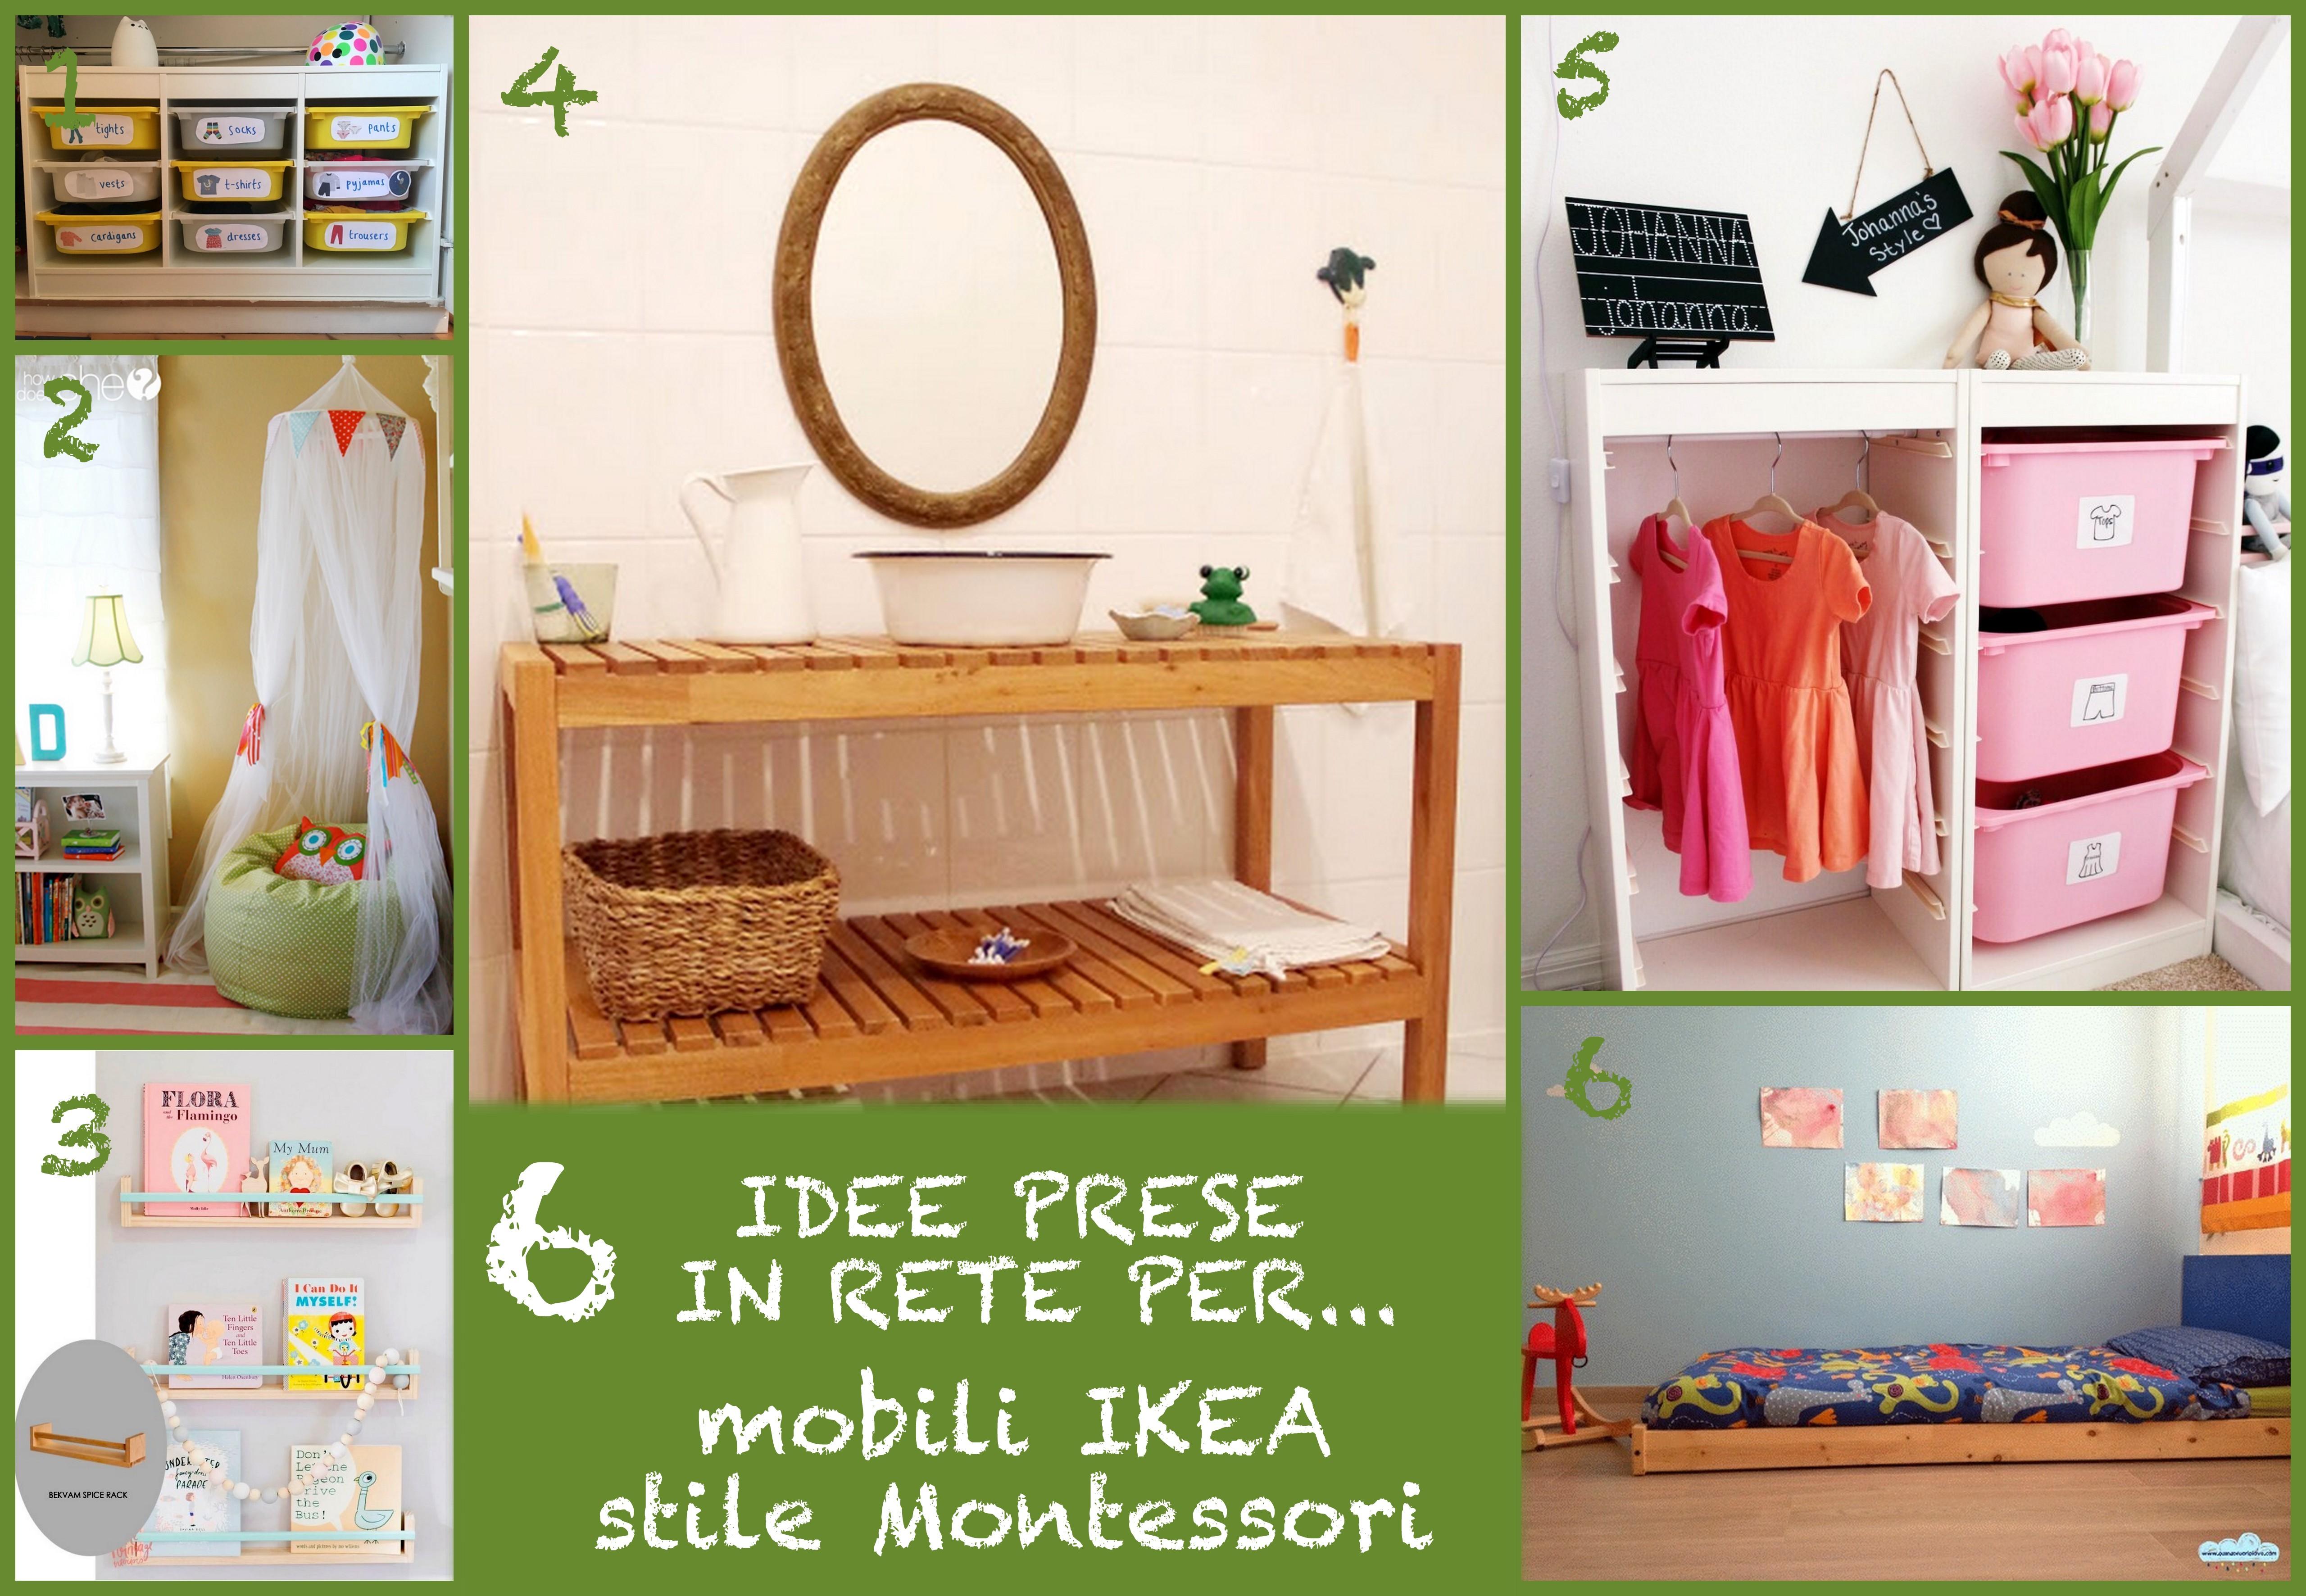 Mobili Ikea Bambini : Idee prese in rete per mobili ikea in stile montessori